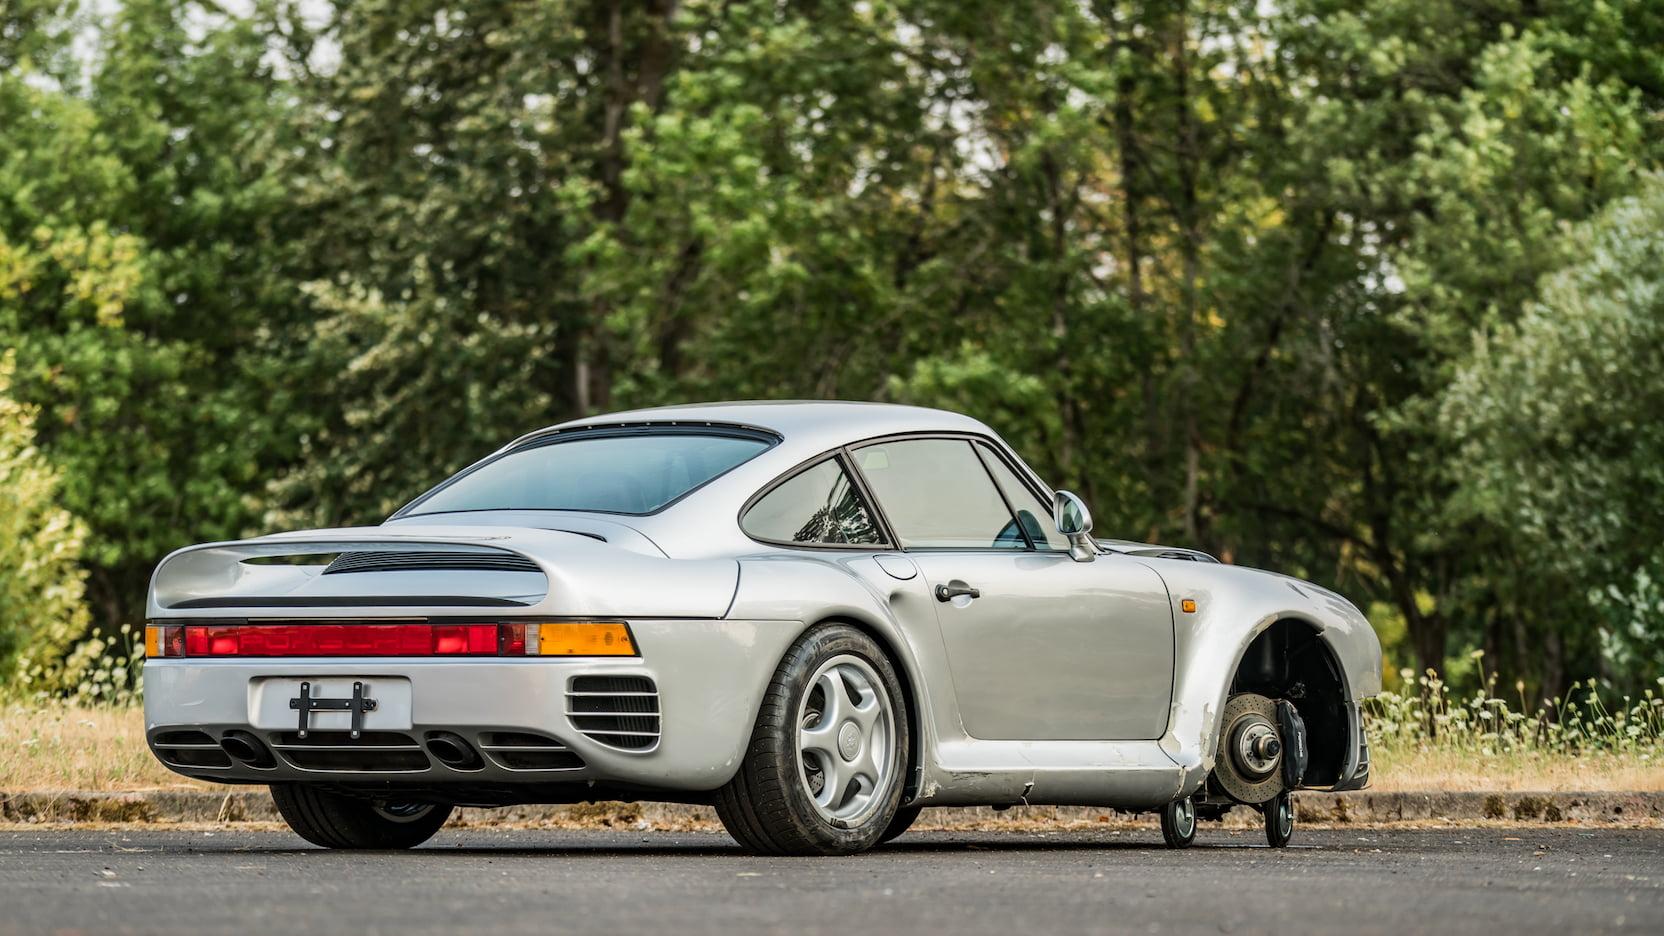 1987 Porsche 959 Komfort rear 3/4